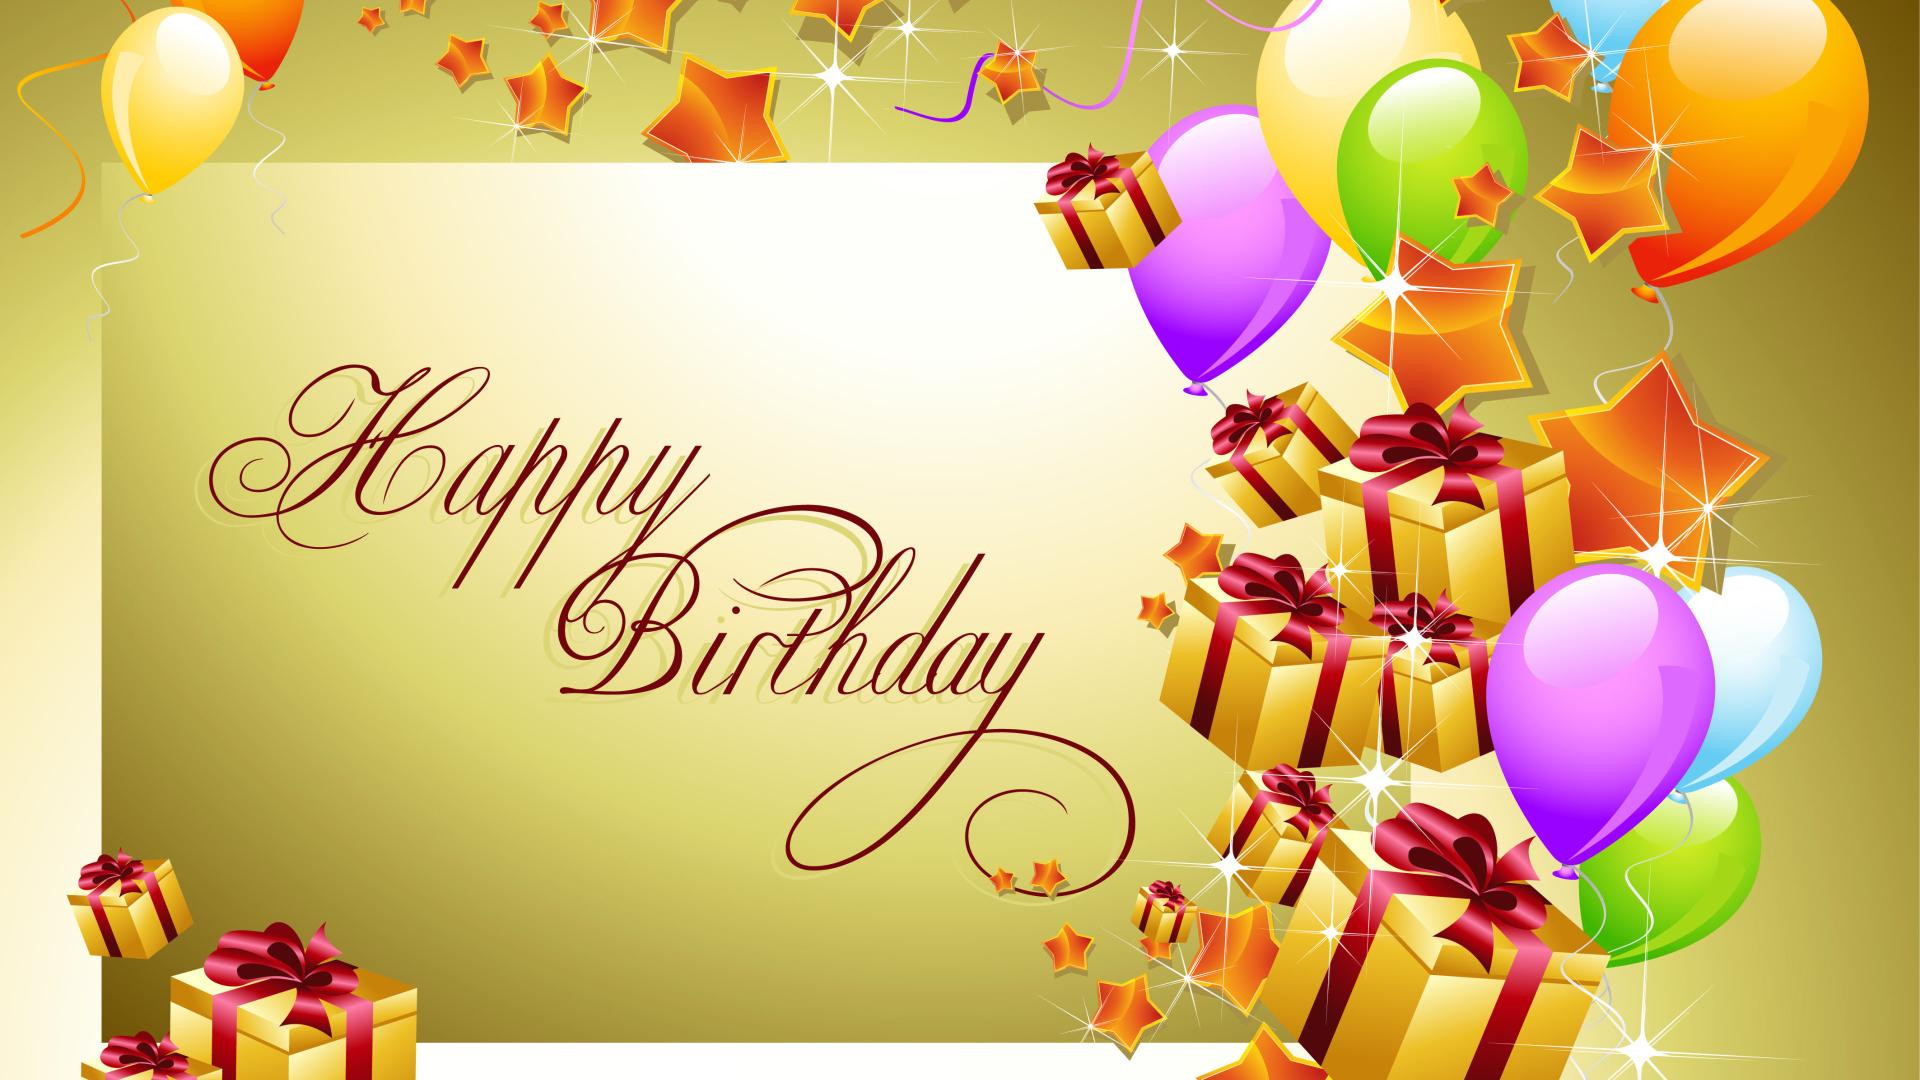 Открытки, фон для открытки с днем рождения картинки